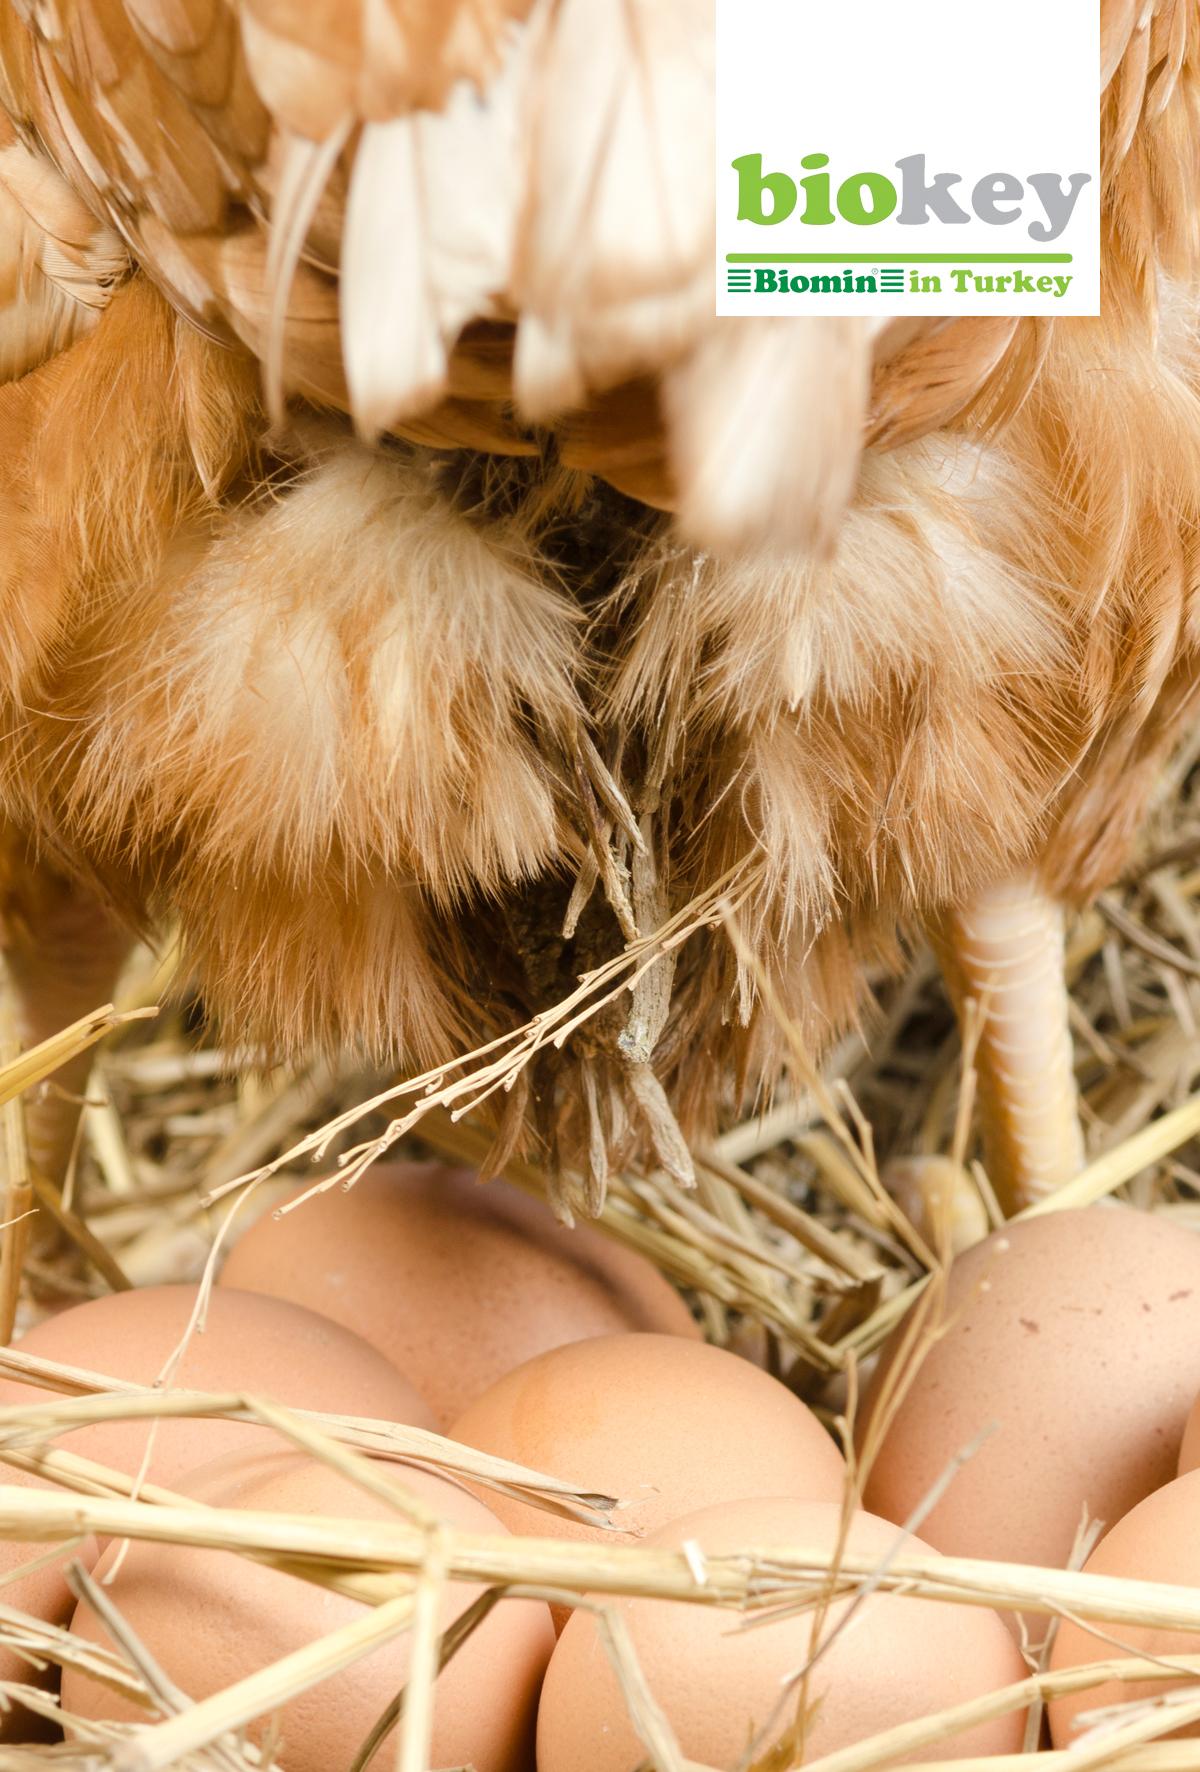 Yumurtacı tavuklarının bağırsak sağlığı için karlı ve koruyucu bir yaklaşım